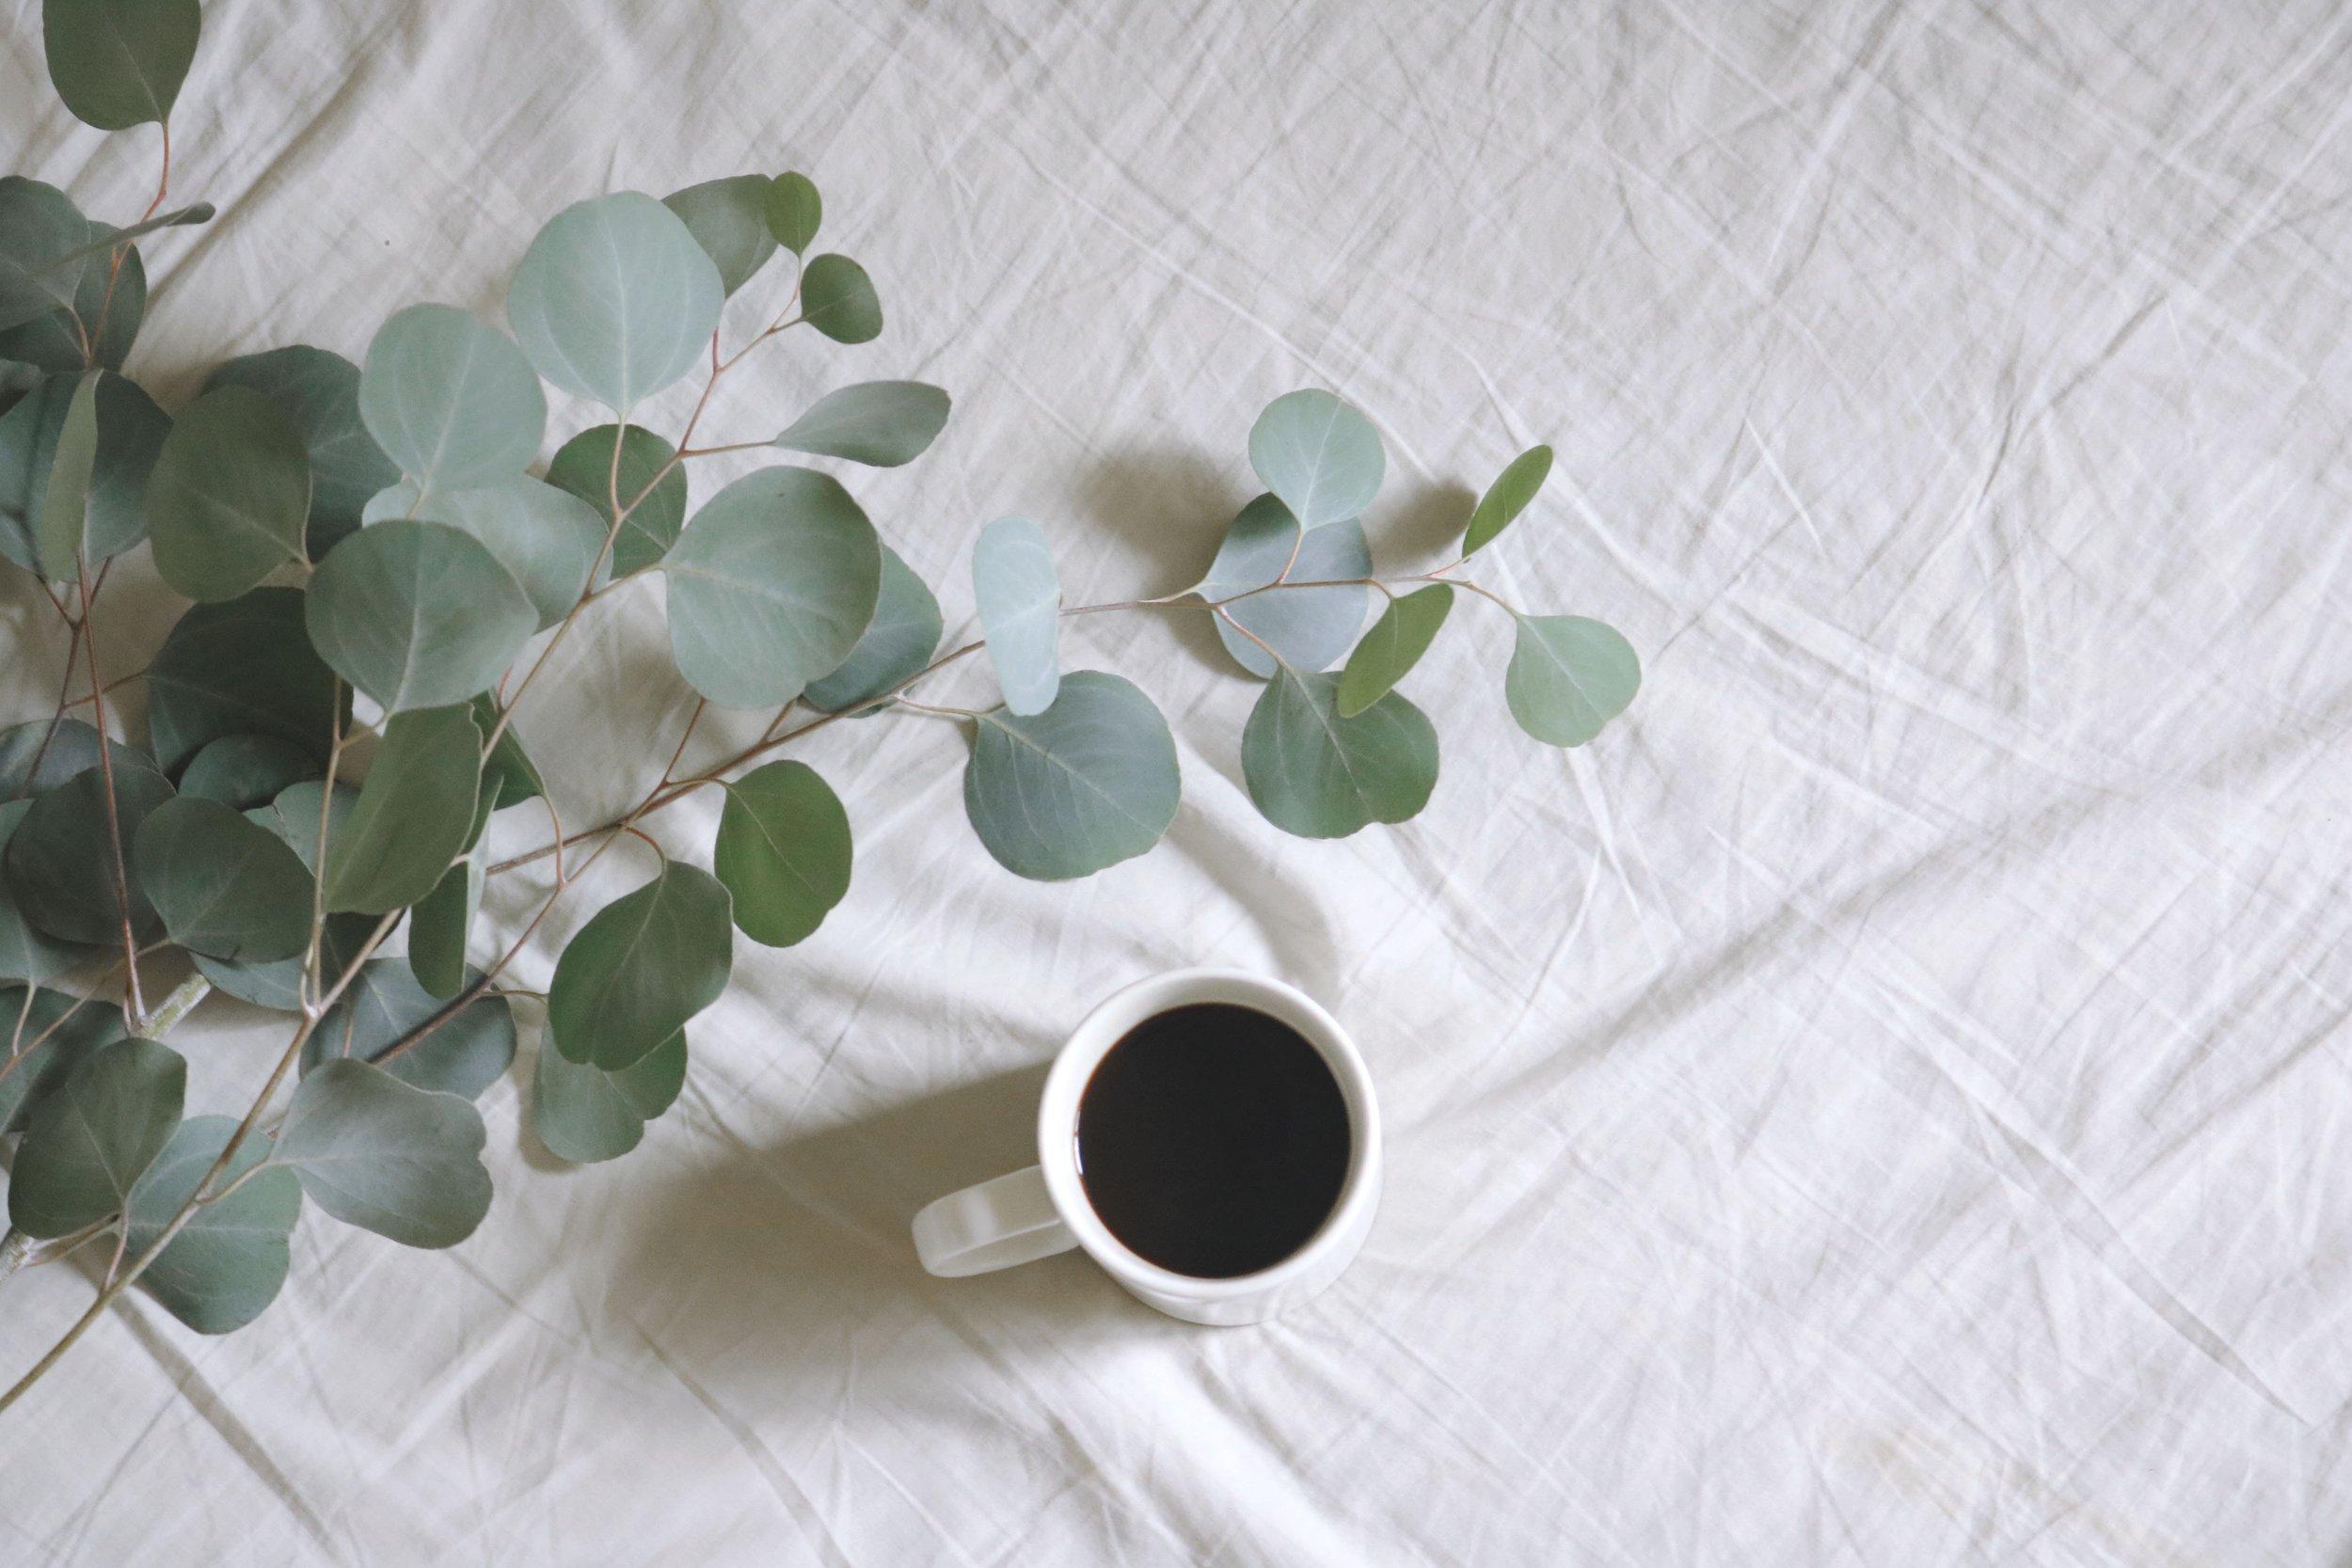 aromatic-beverage-black-coffee-1405762.jpg